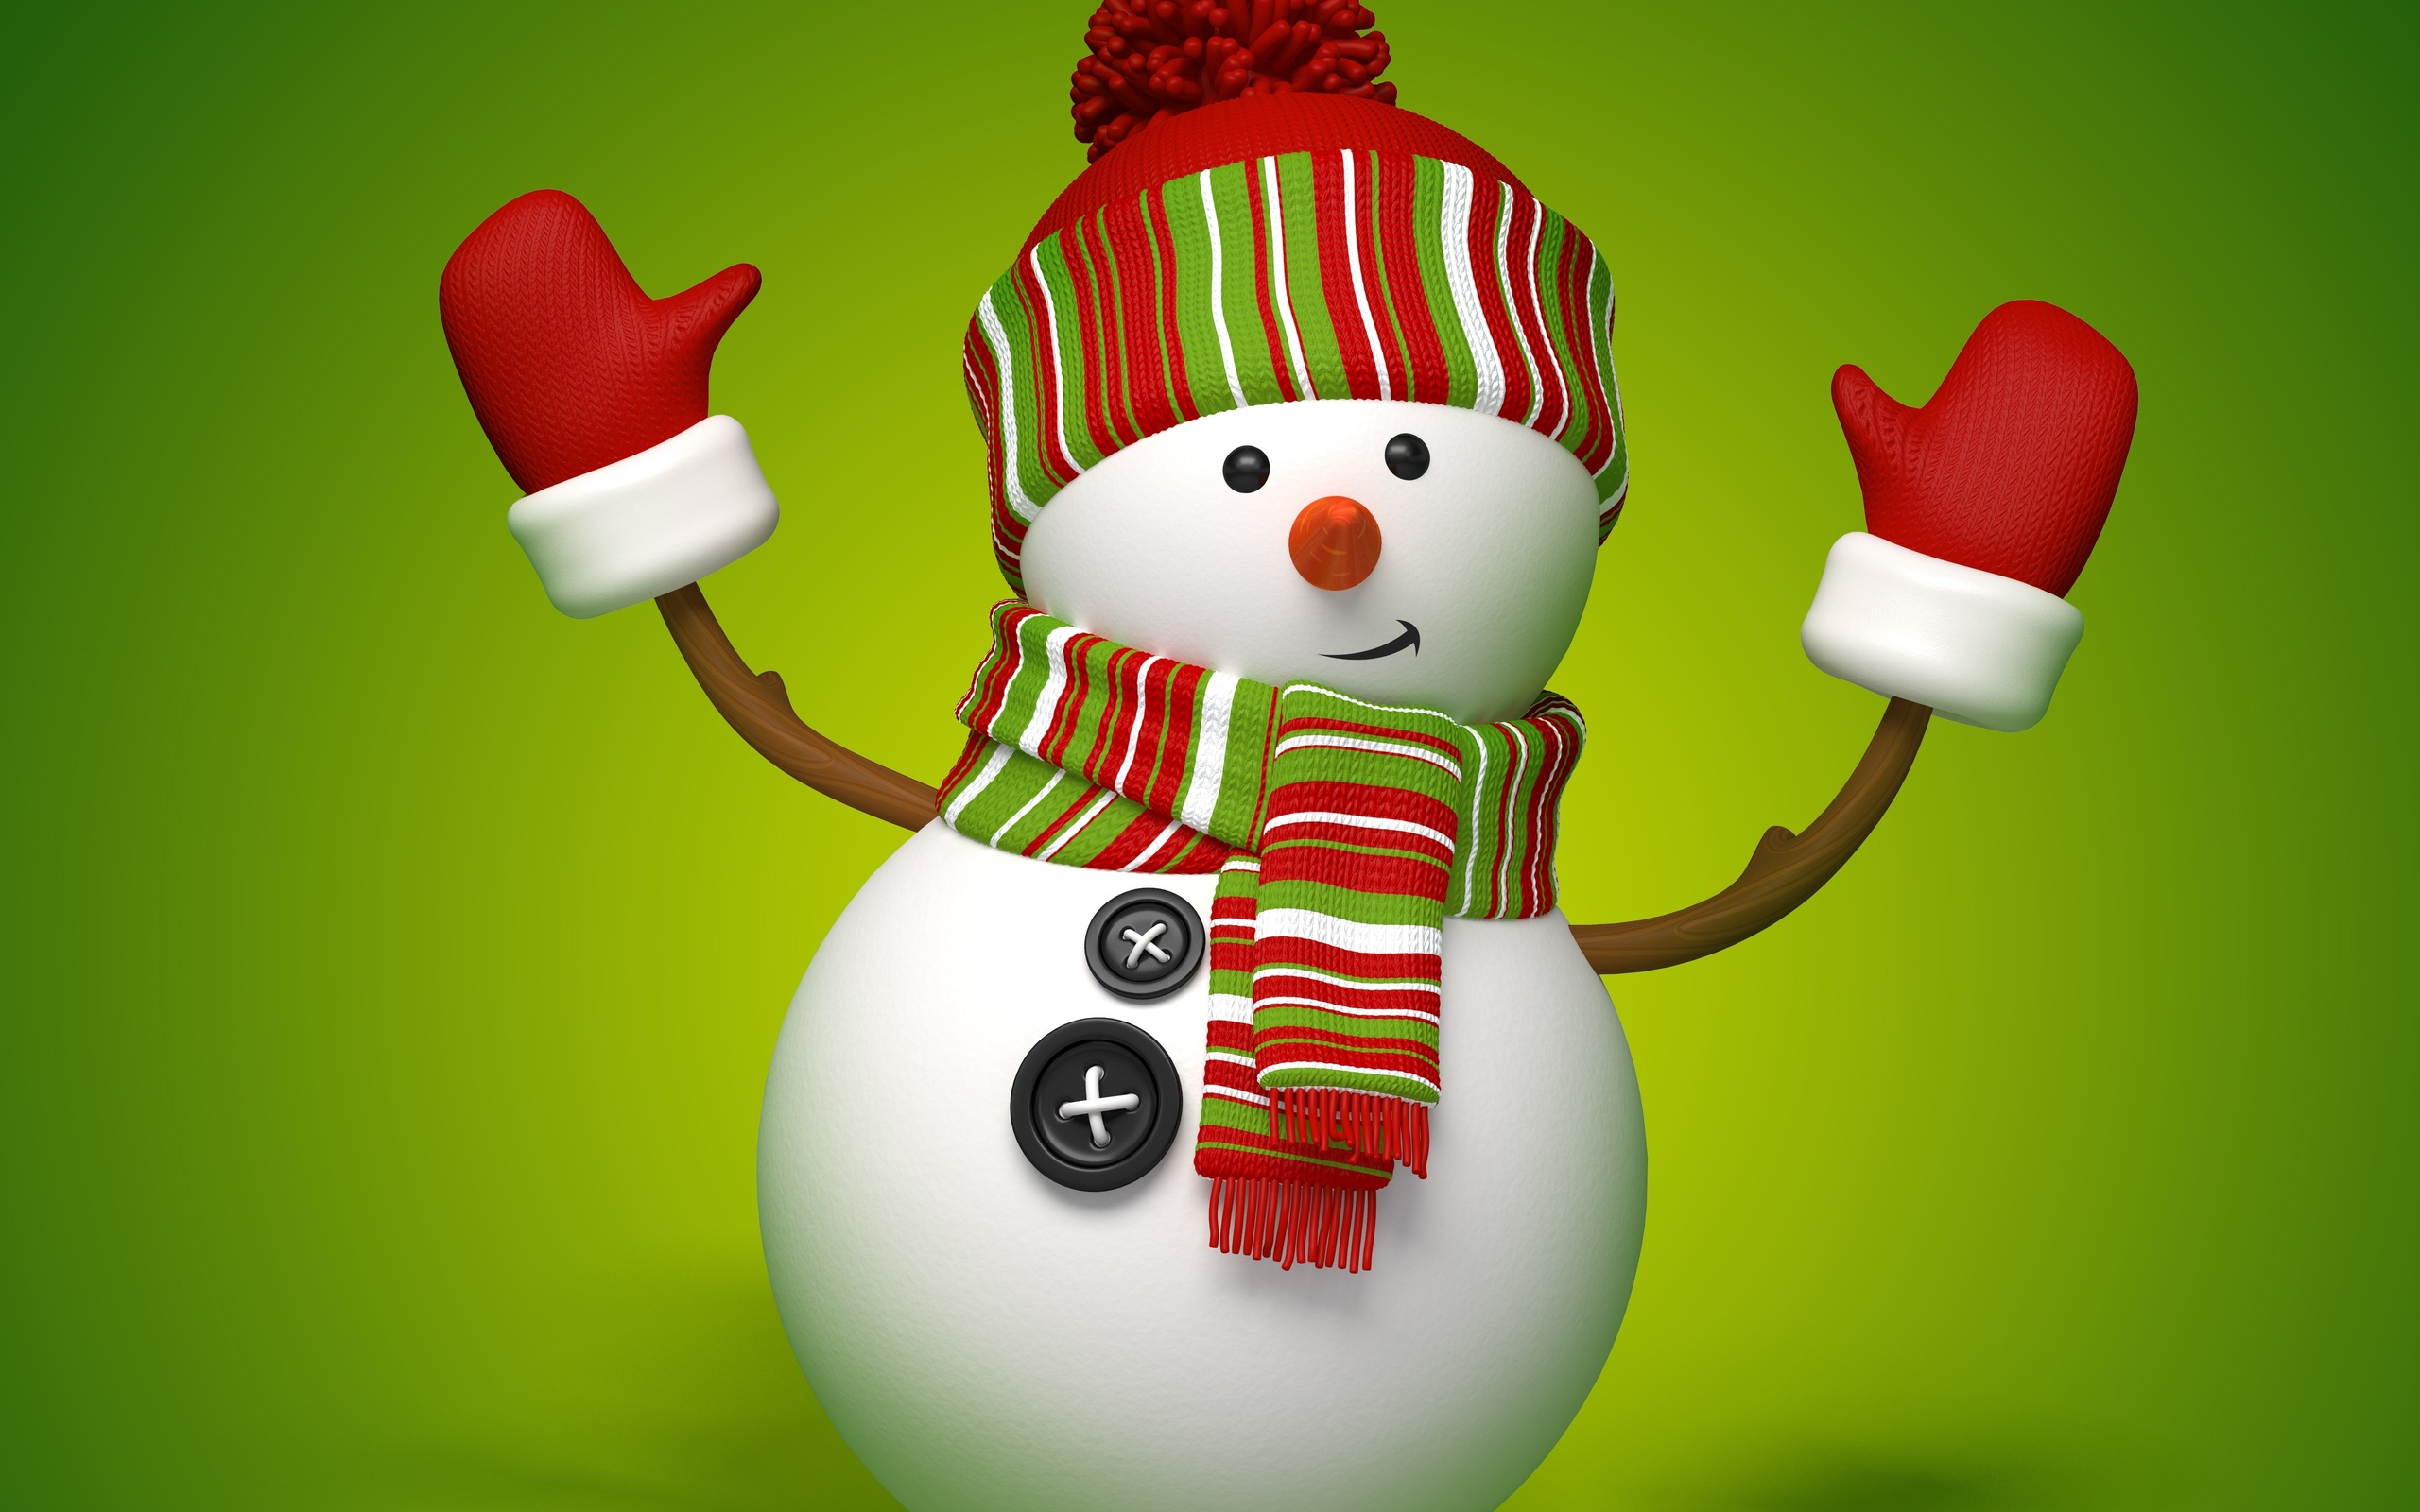 затем новый год снеговик картинки красивые на телефон название эти